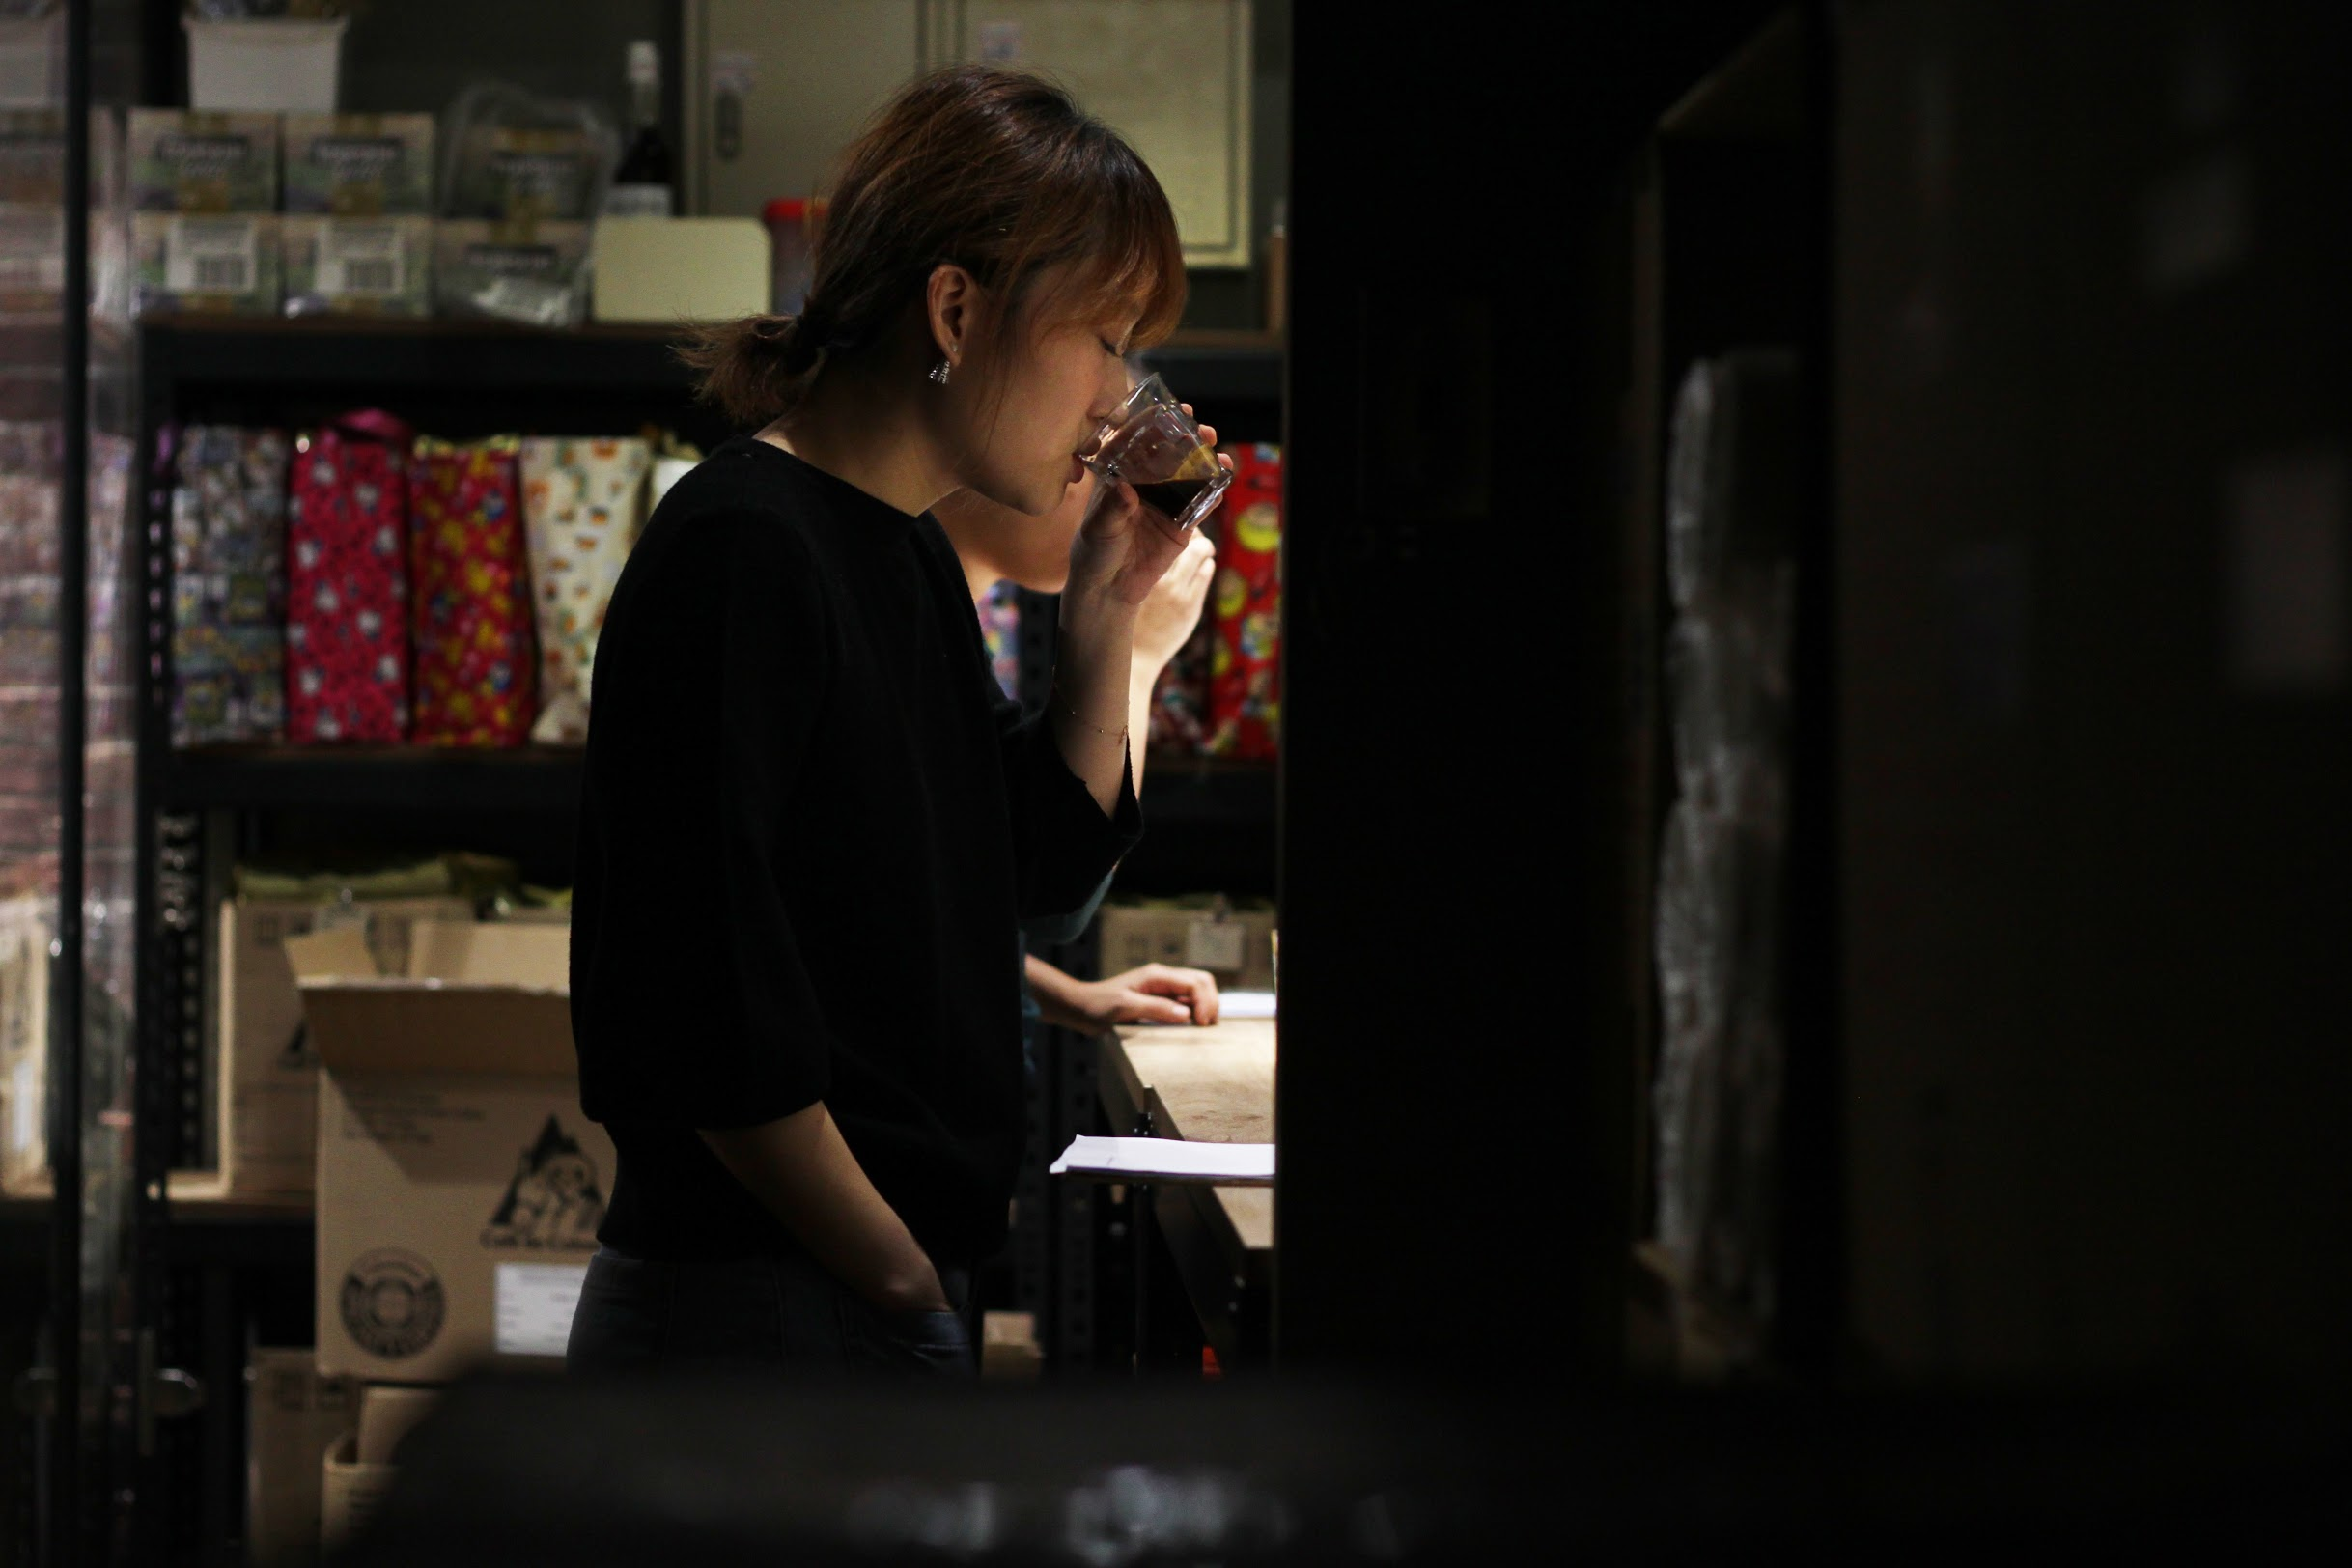 九日咖啡_老闆照片